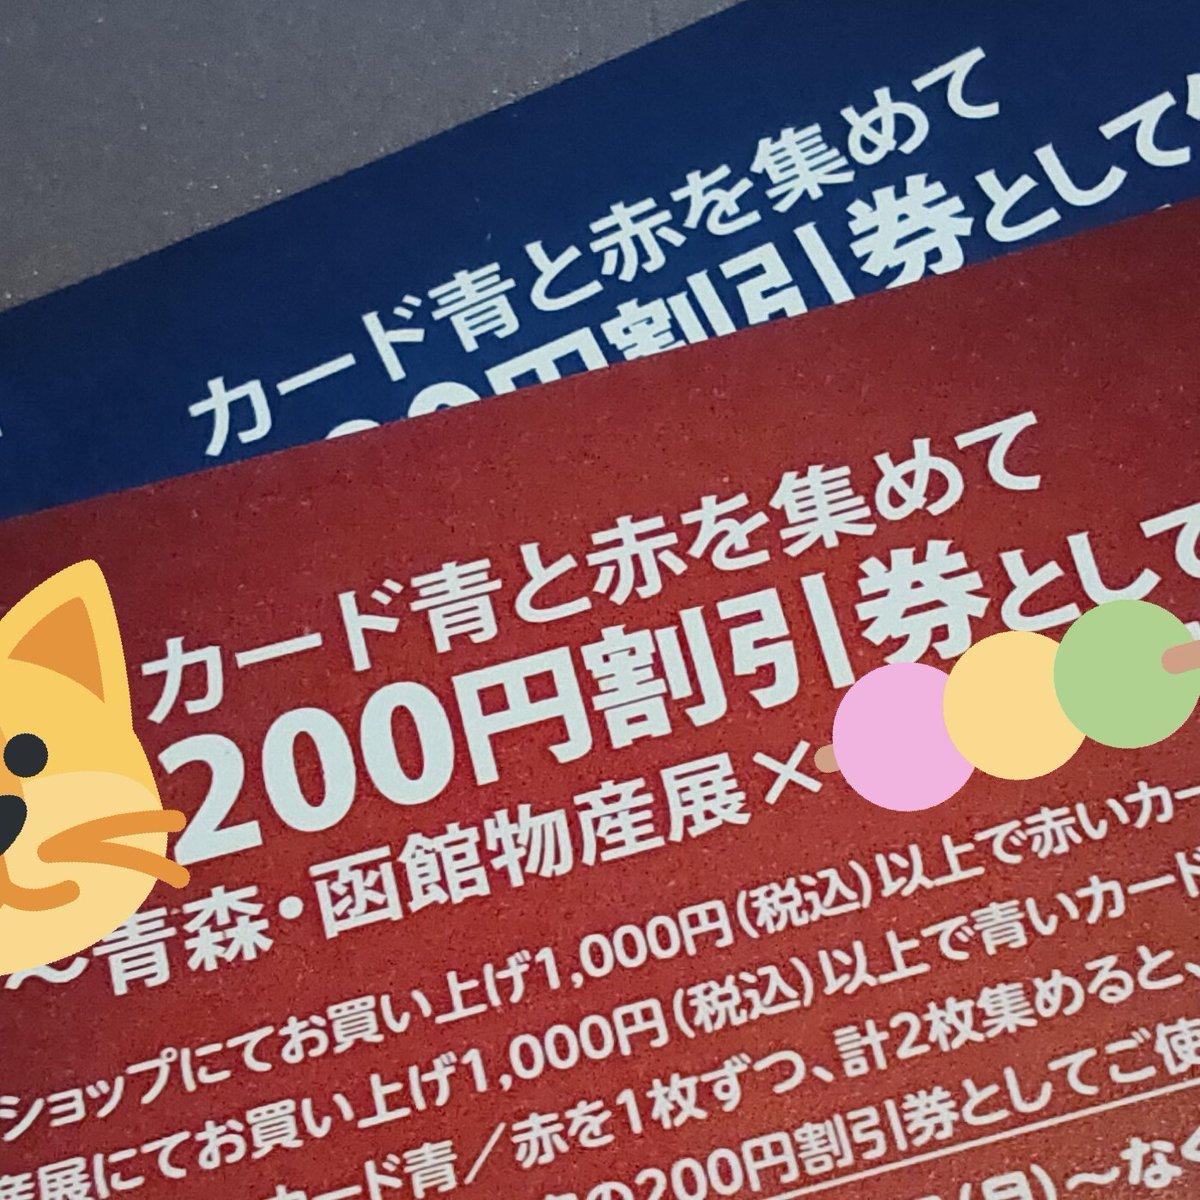 test ツイッターメディア - また じゃがポックル 売ってたので買ってきた。 そして、200円引き券ゲット( ̄▽ ̄) https://t.co/f7OtHJKcRE